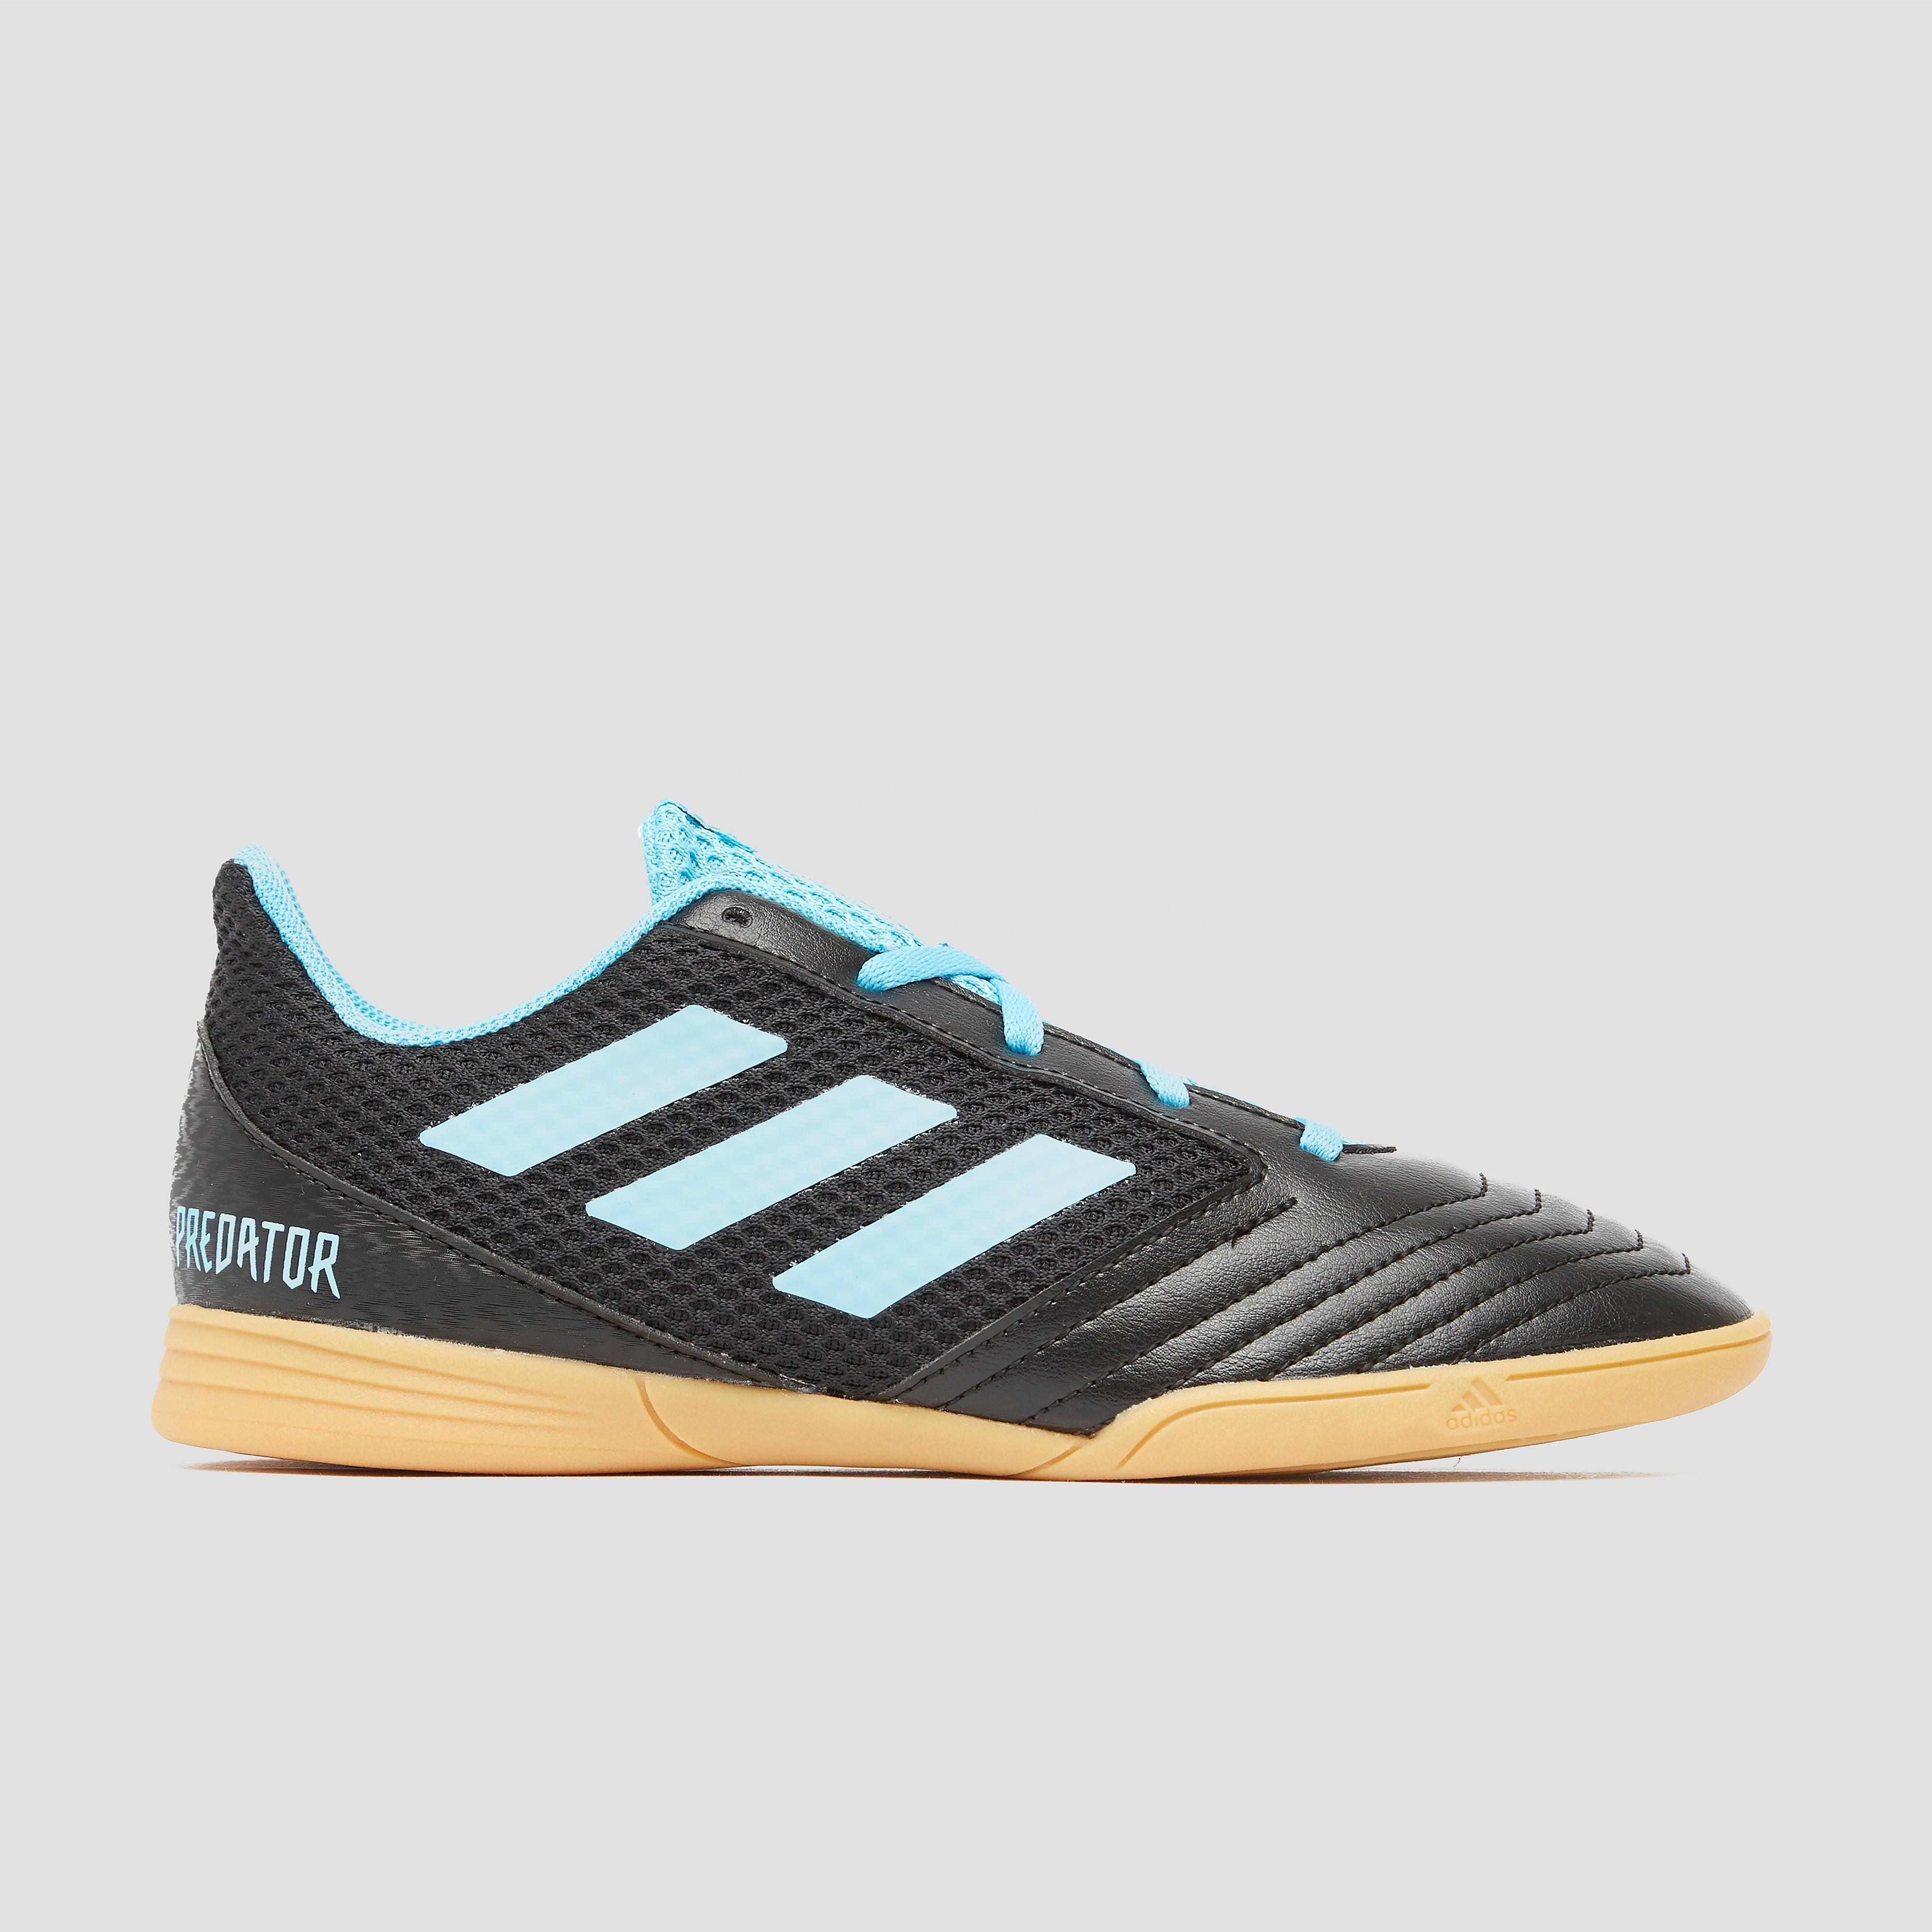 Adidas Zaalvoetbalschoenen voor kinderen Predator zwart-blauw